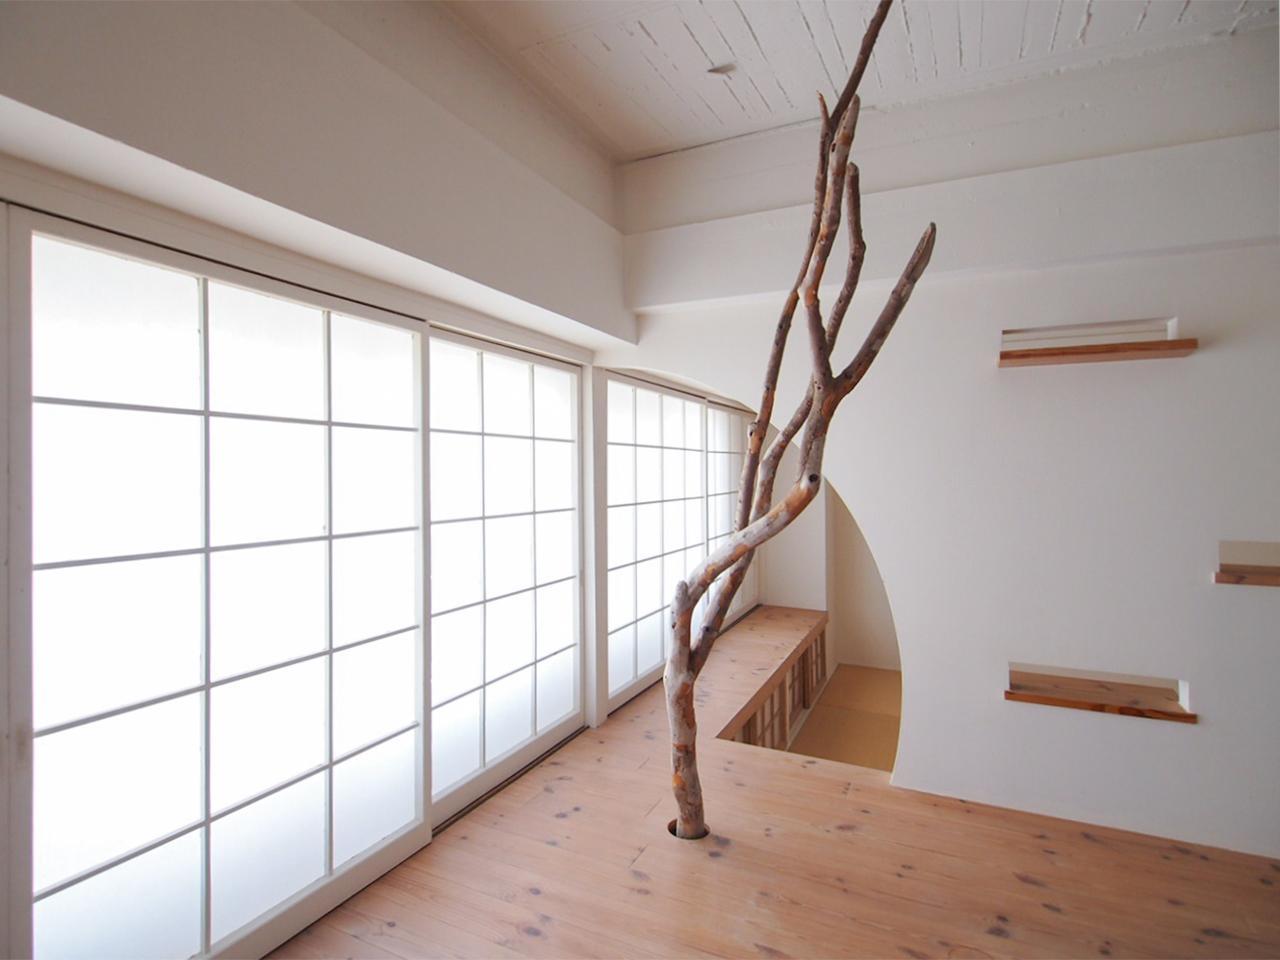 この部屋の象徴ともいえる流木のオブジェ